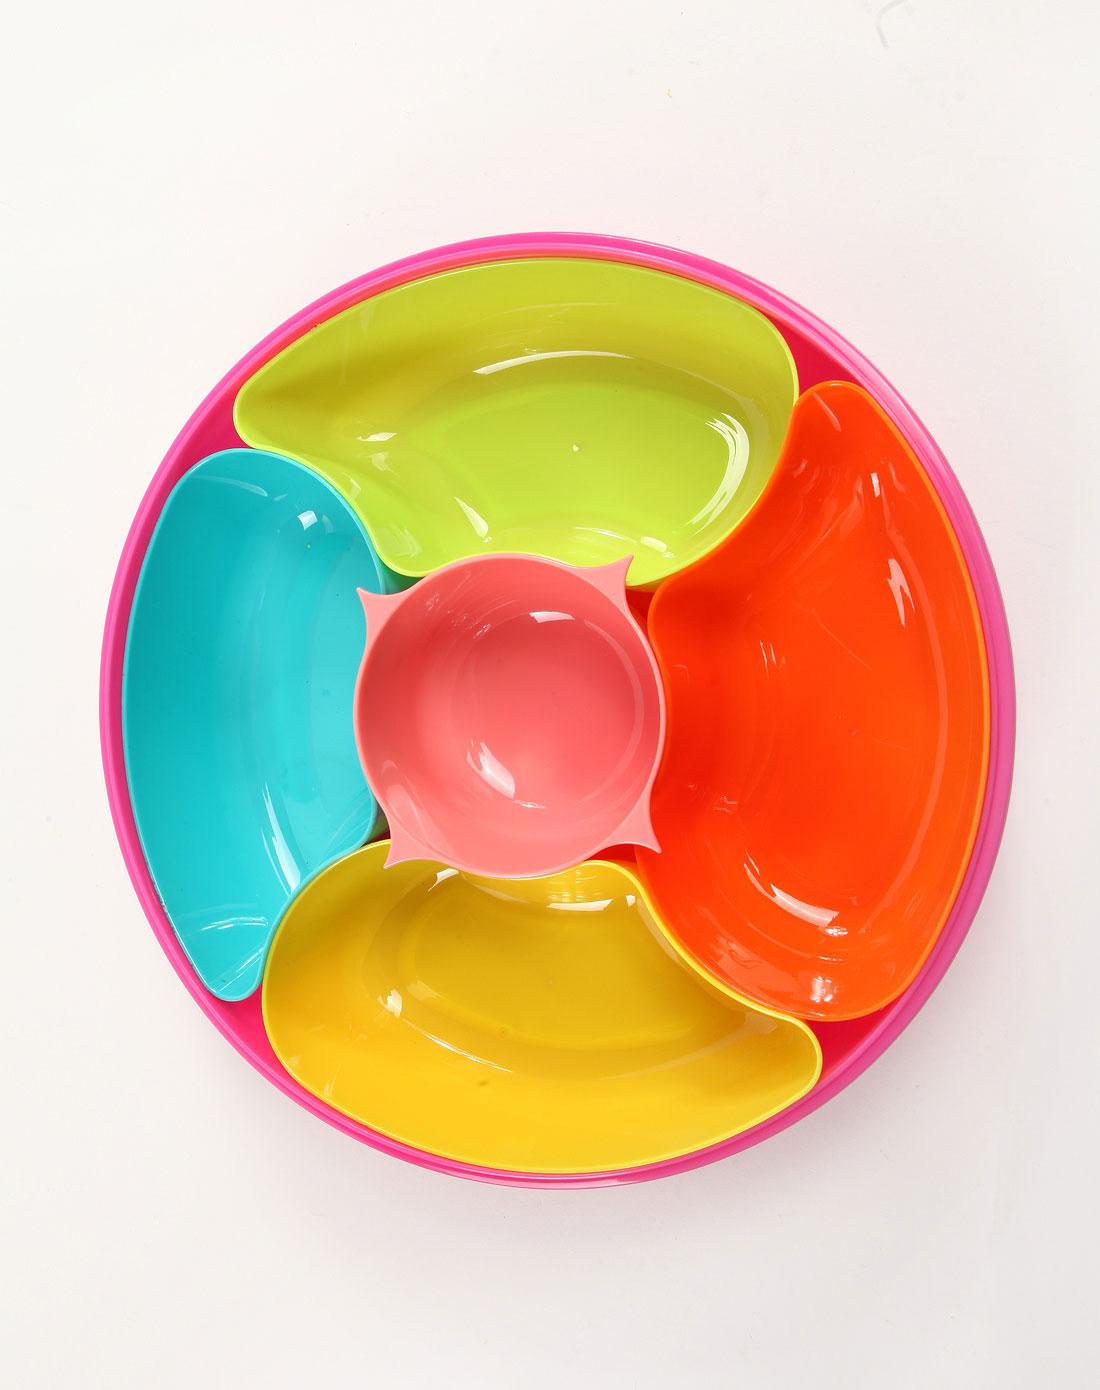 h&3粉红色圆形糖果盒6920120306270